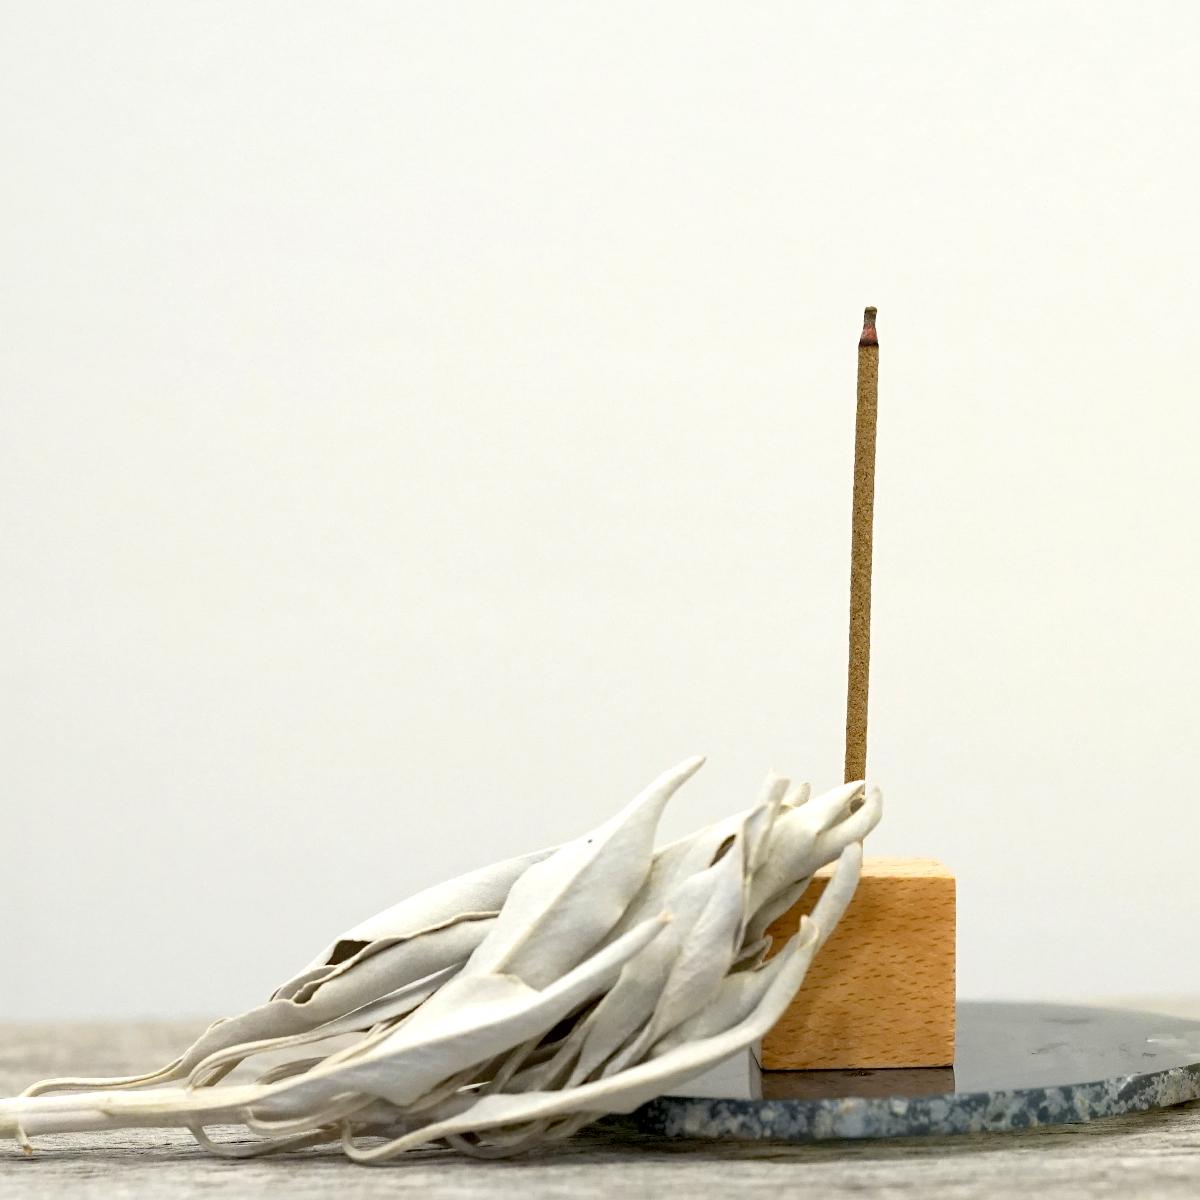 サンダルウッド(白檀)&エクストラ・ホワイトセージ  浄化香 【スティックタイプ】 (ヨガ・瞑想用 天然成分100% 日本製)  LUCAS ルカス [送料無料]